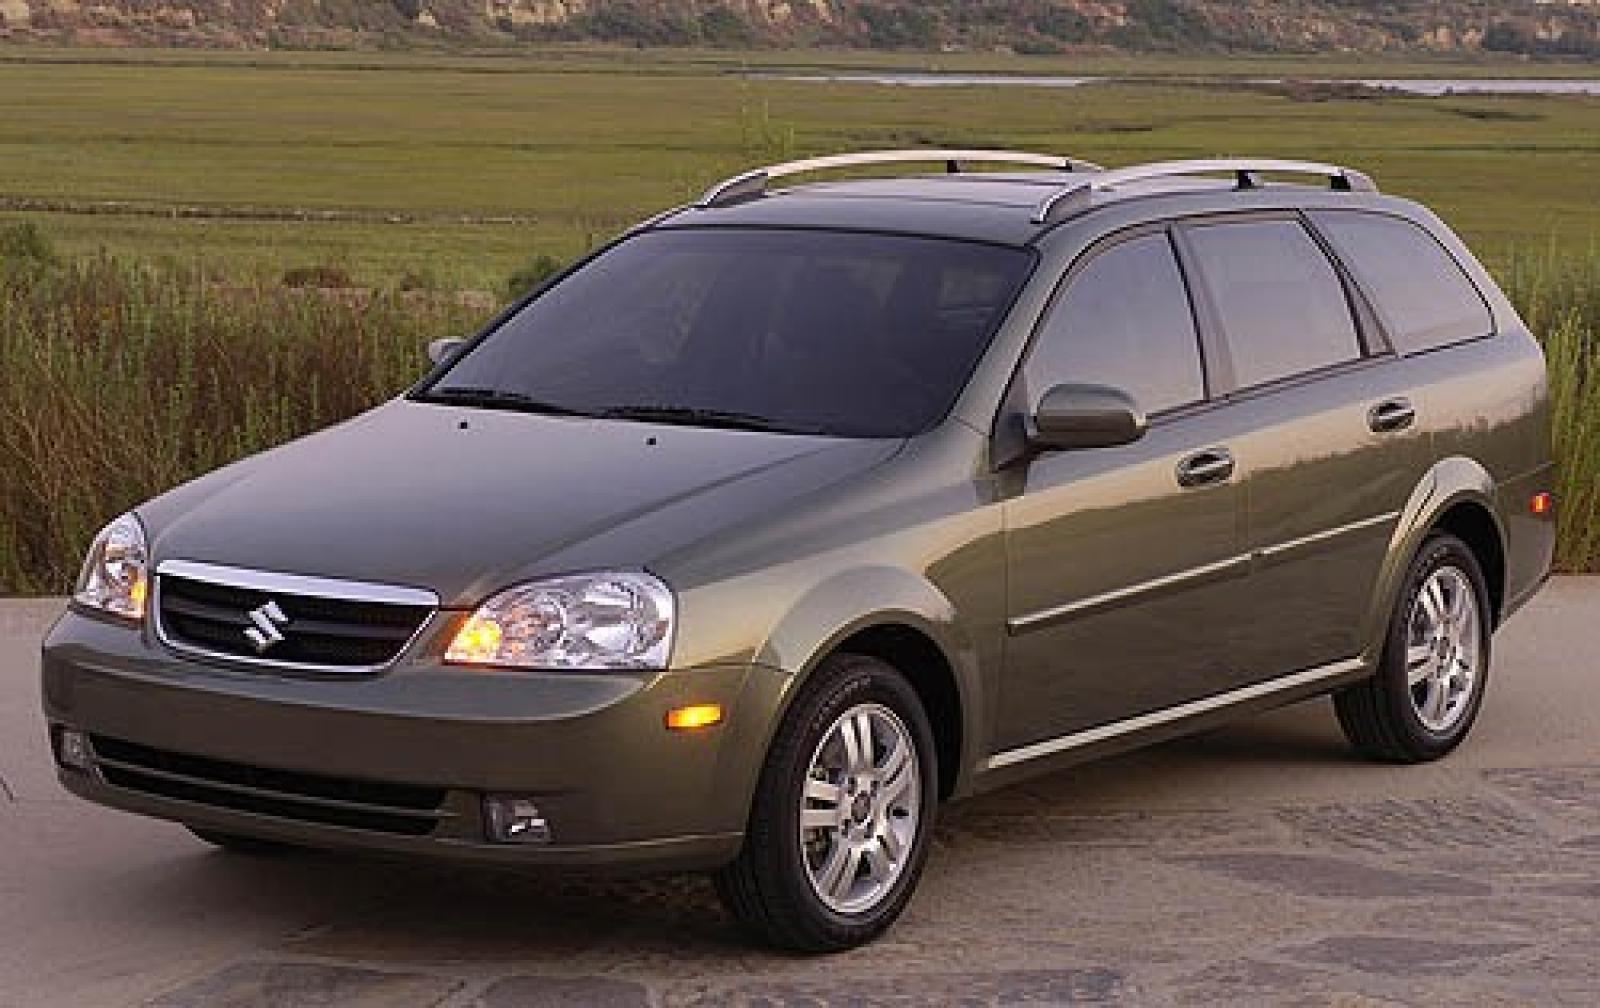 Suzuki Forenza 2003 - 2008 Station wagon 5 door #5